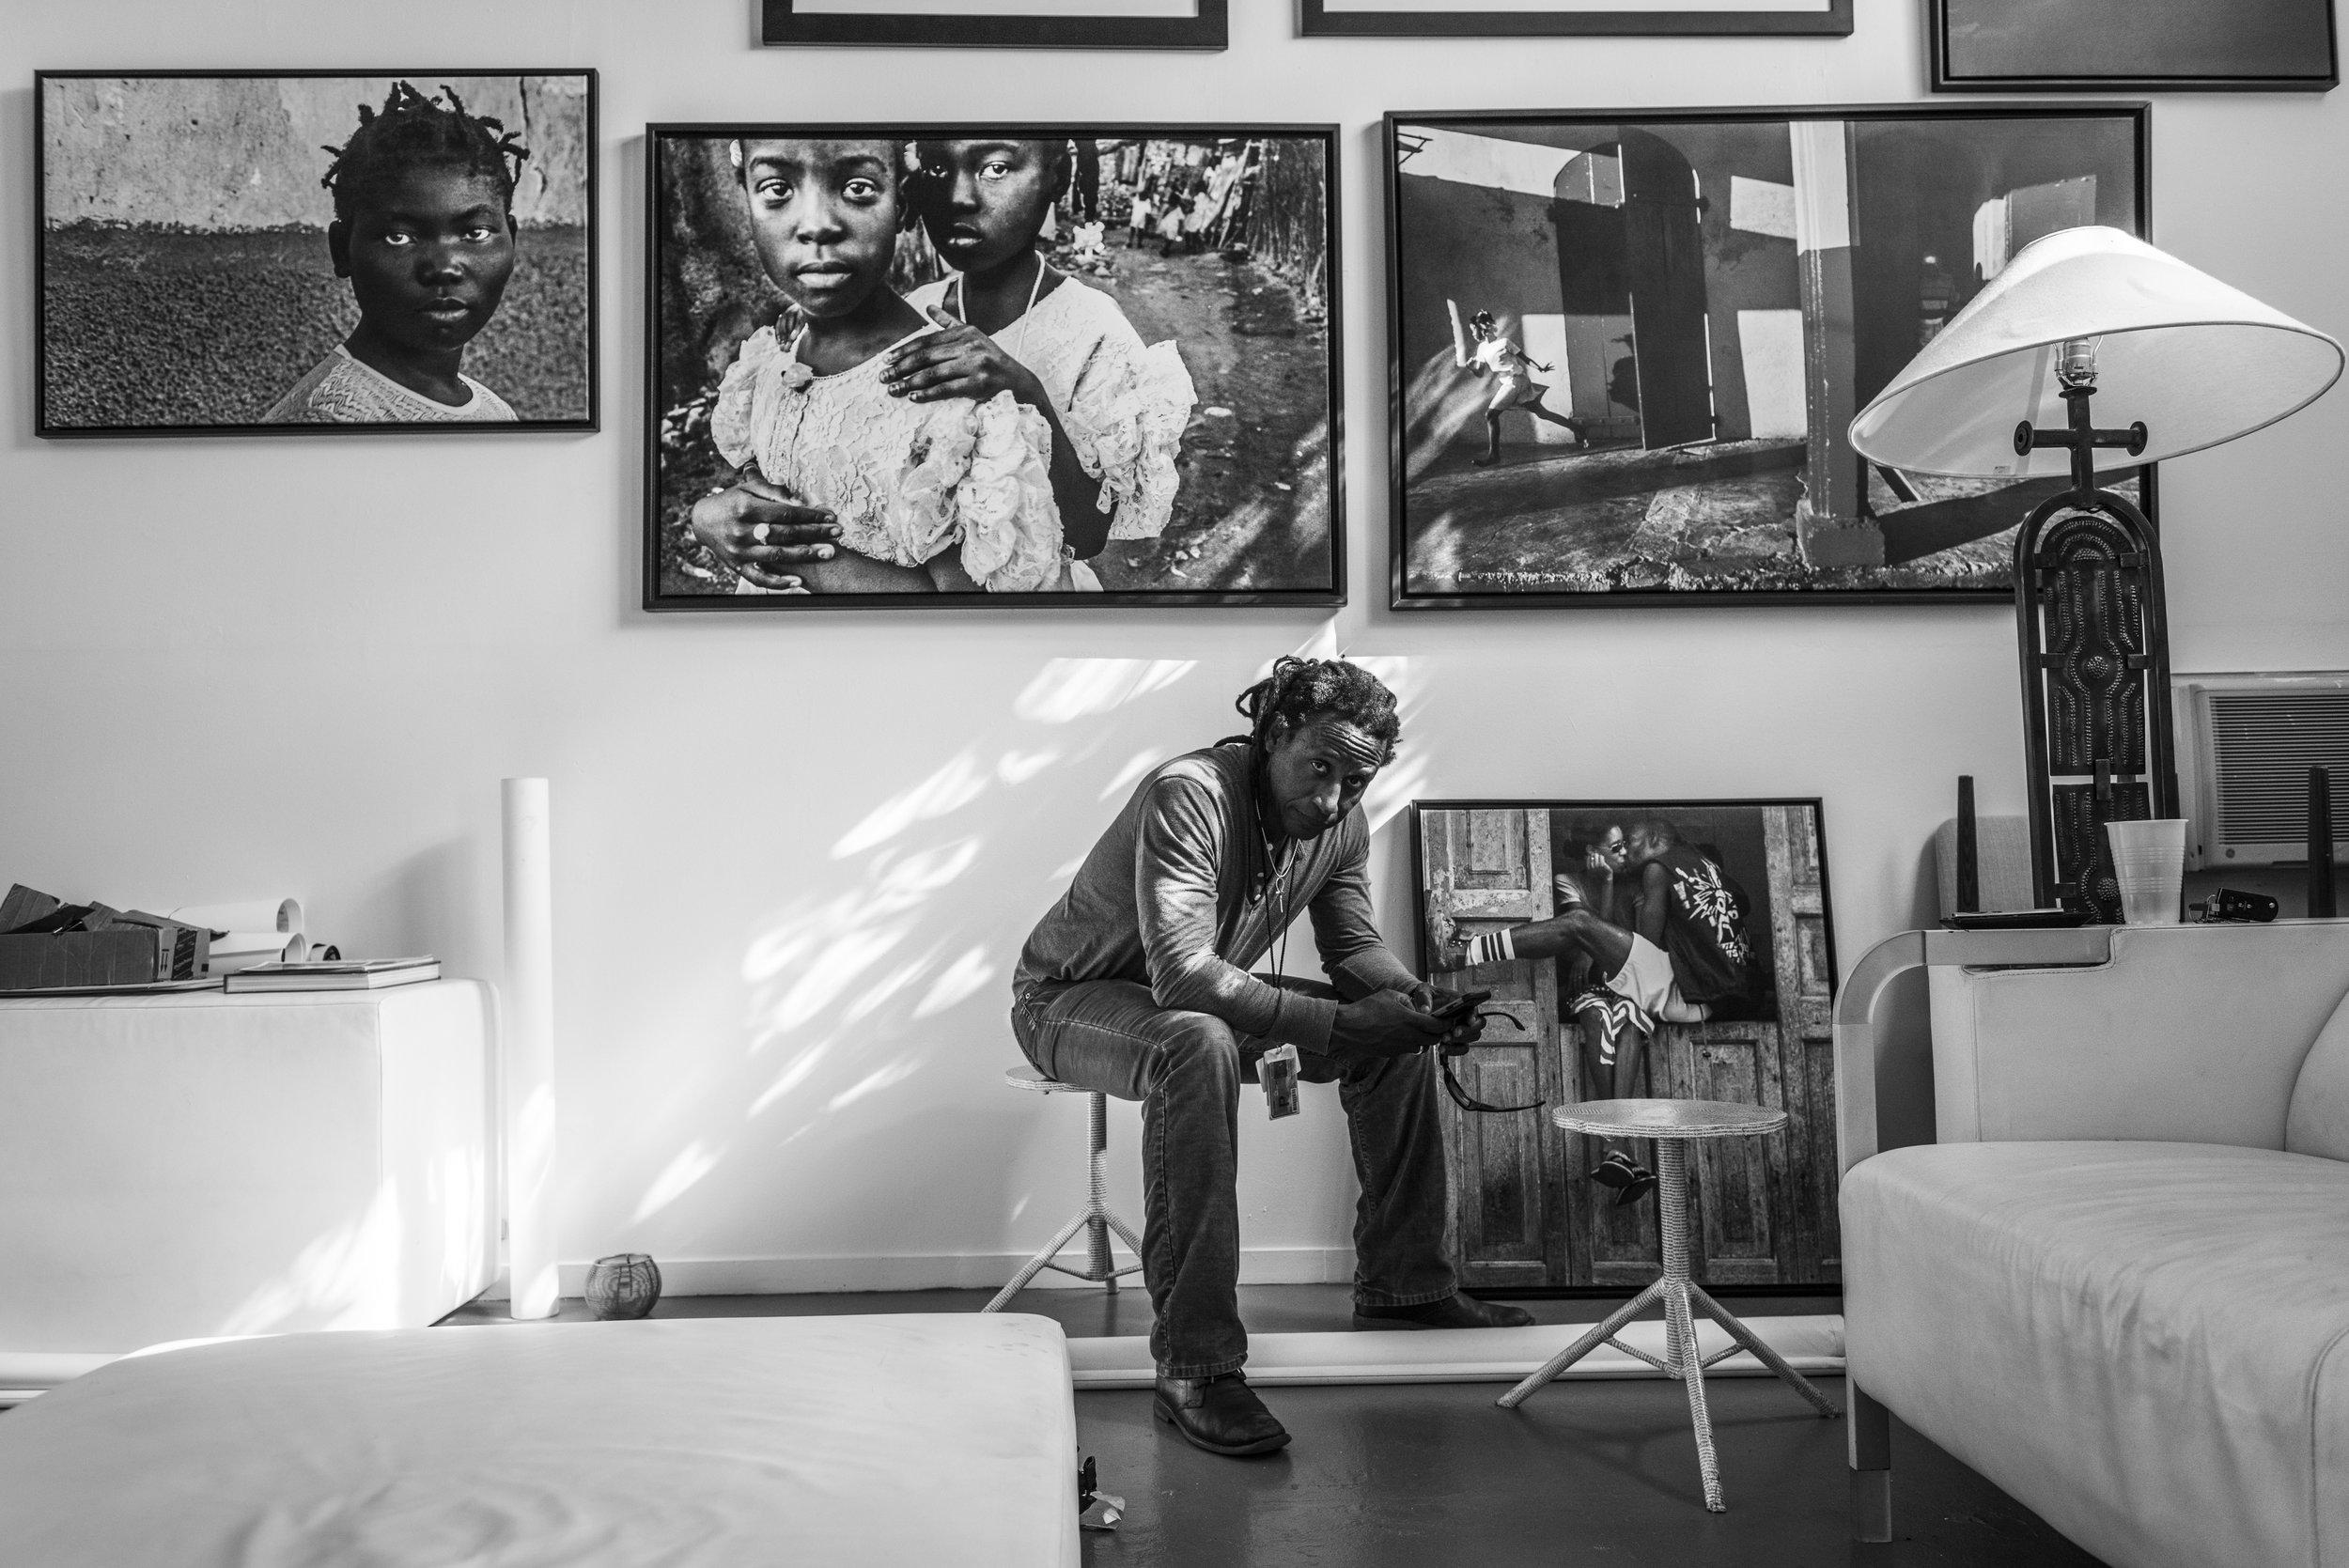 Miami Herald photojournalist Carl Juste in his studio in Little Haiti, Miami, Florida.